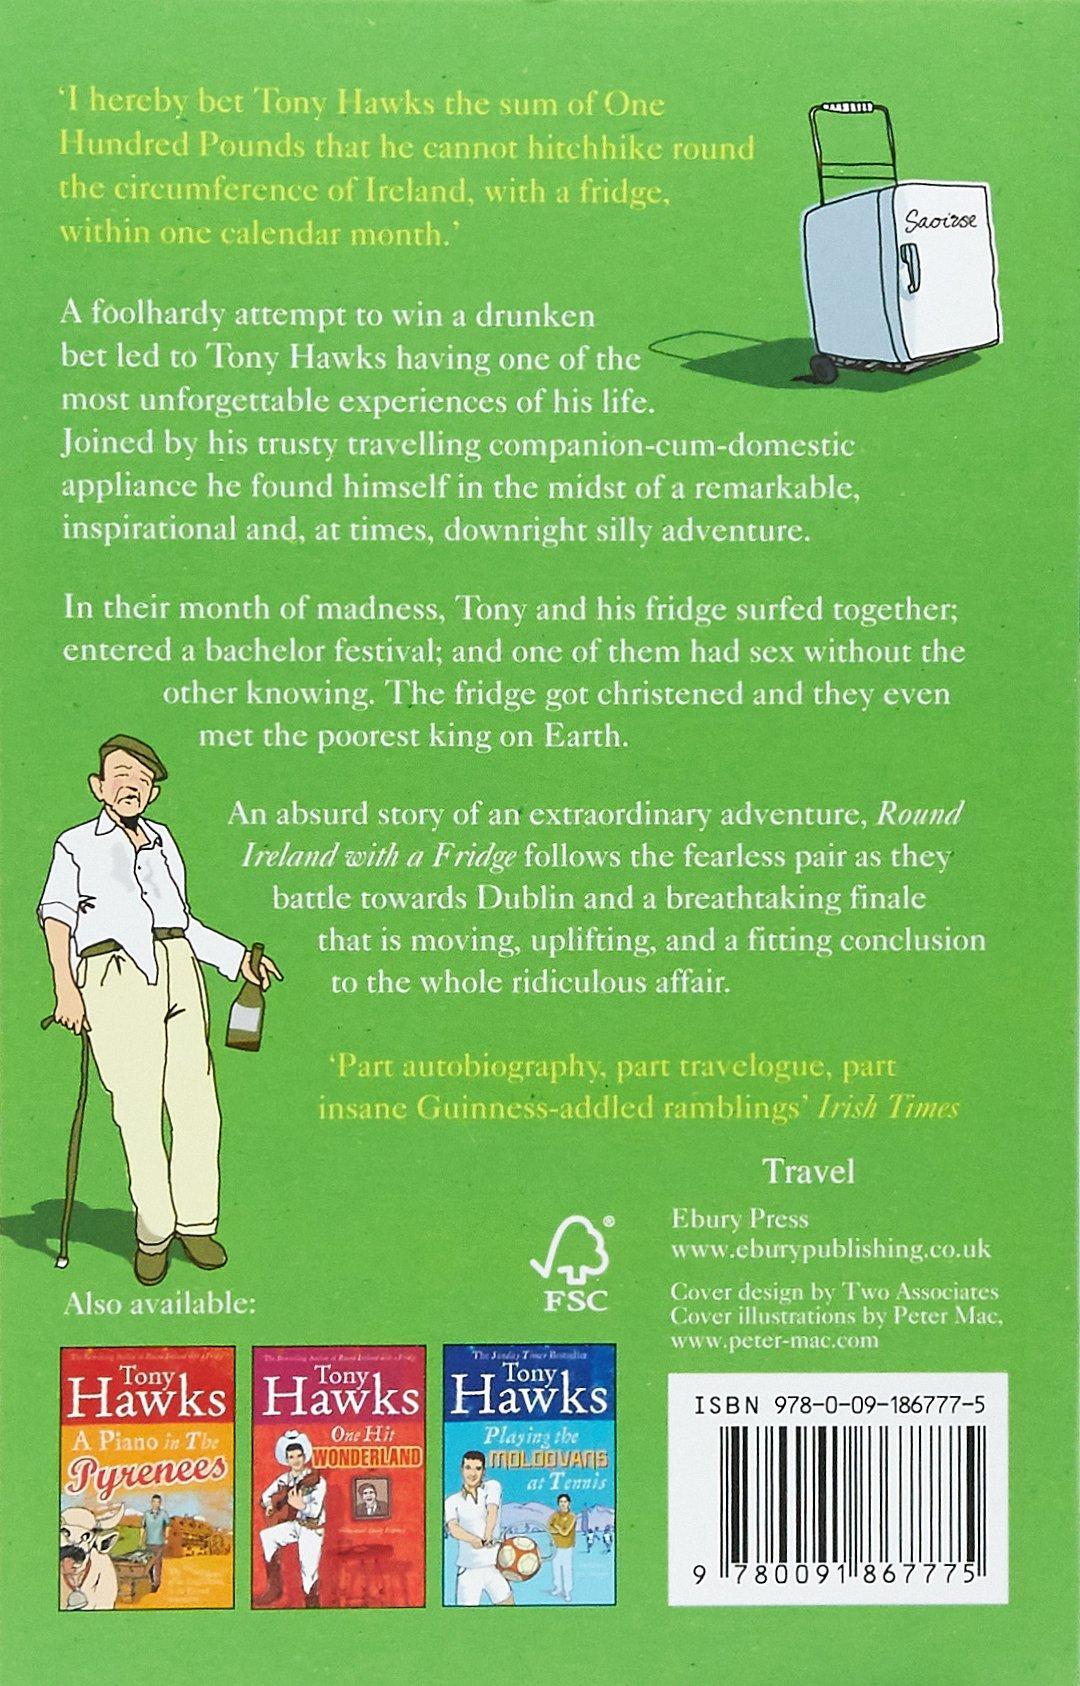 Round Ireland with Fridge: Amazon.de: Tony Hawks: Fremdsprachige Bücher